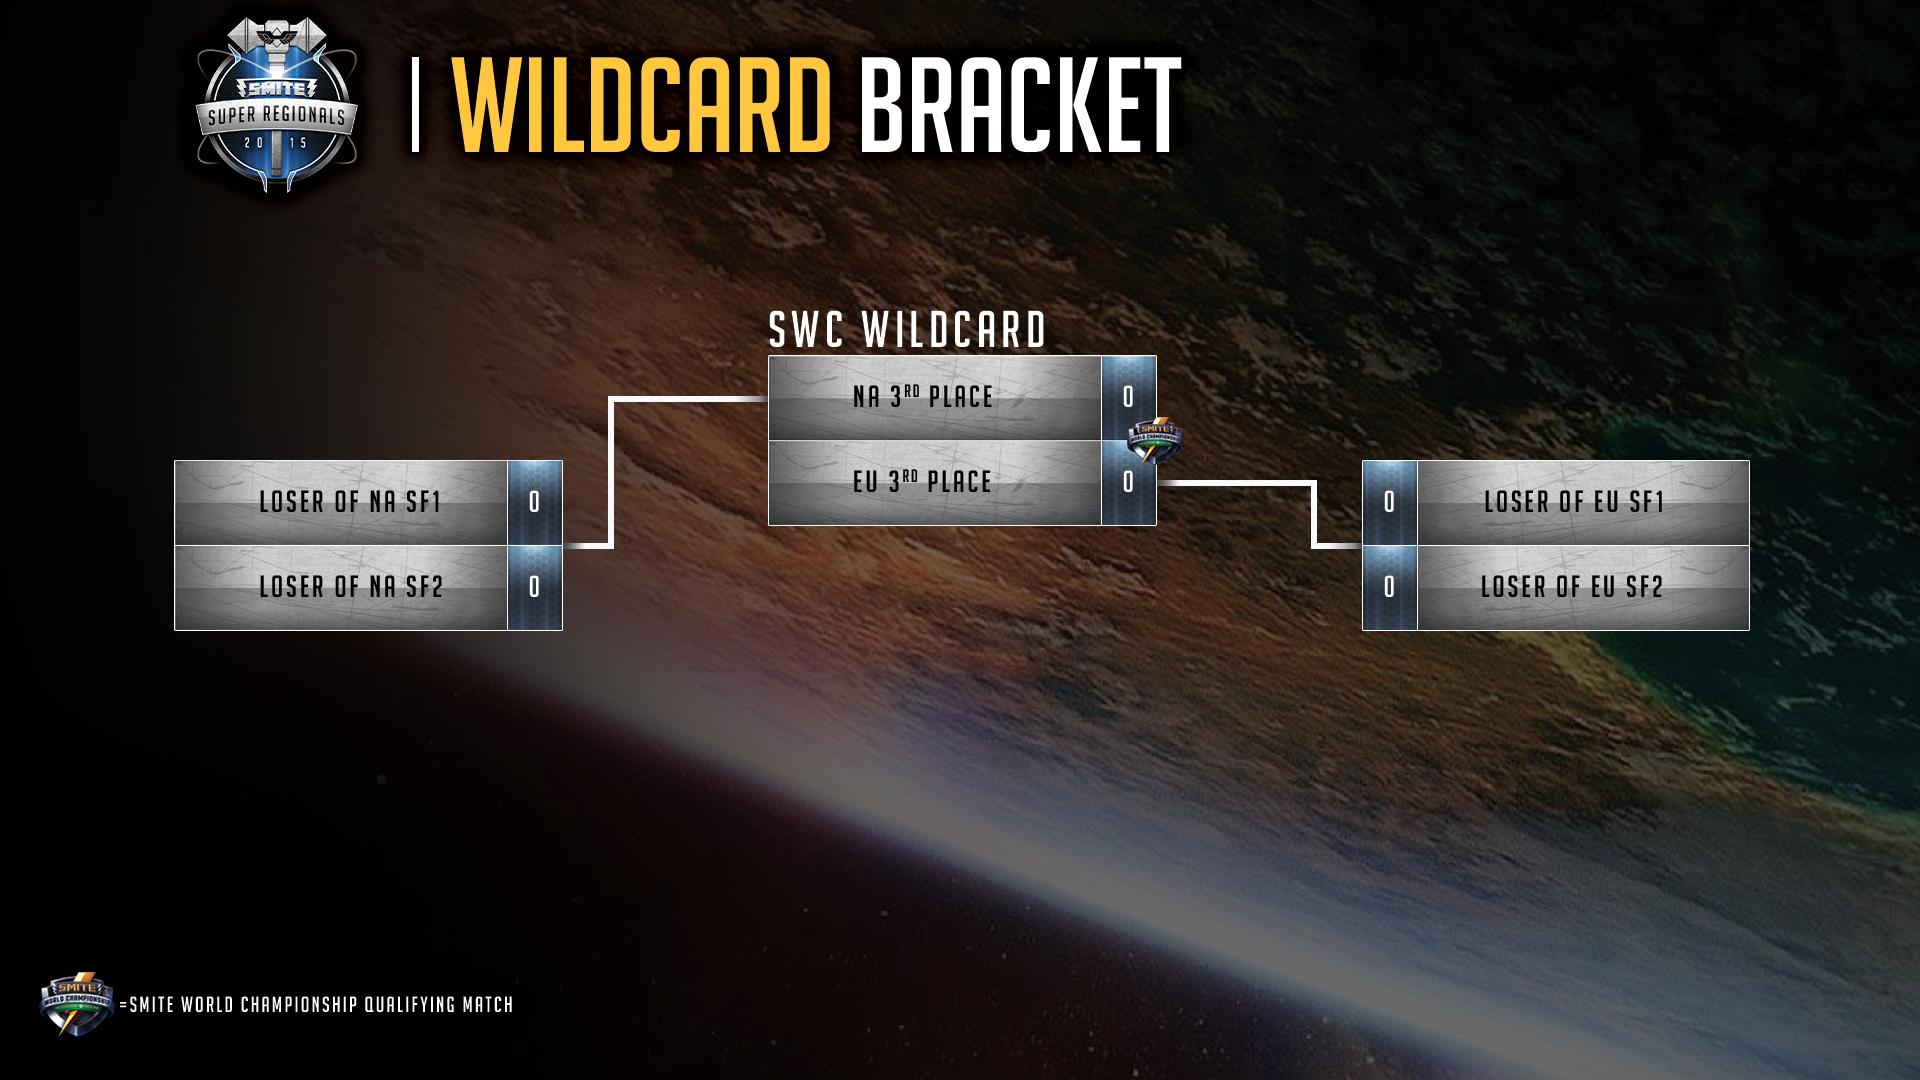 super-regionals-bracket_wildcard